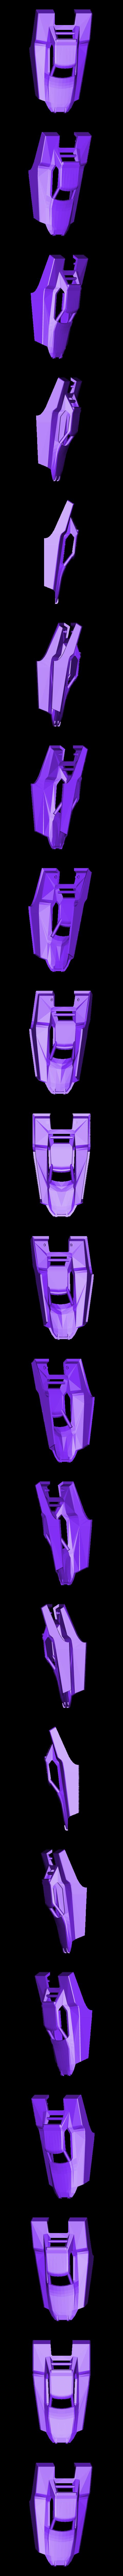 boomerang_body.stl Télécharger fichier STL gratuit Kit d'échelle TAMIYA BOOMERANG 1:24 pour SUBOTECH • Objet à imprimer en 3D, 3dxl